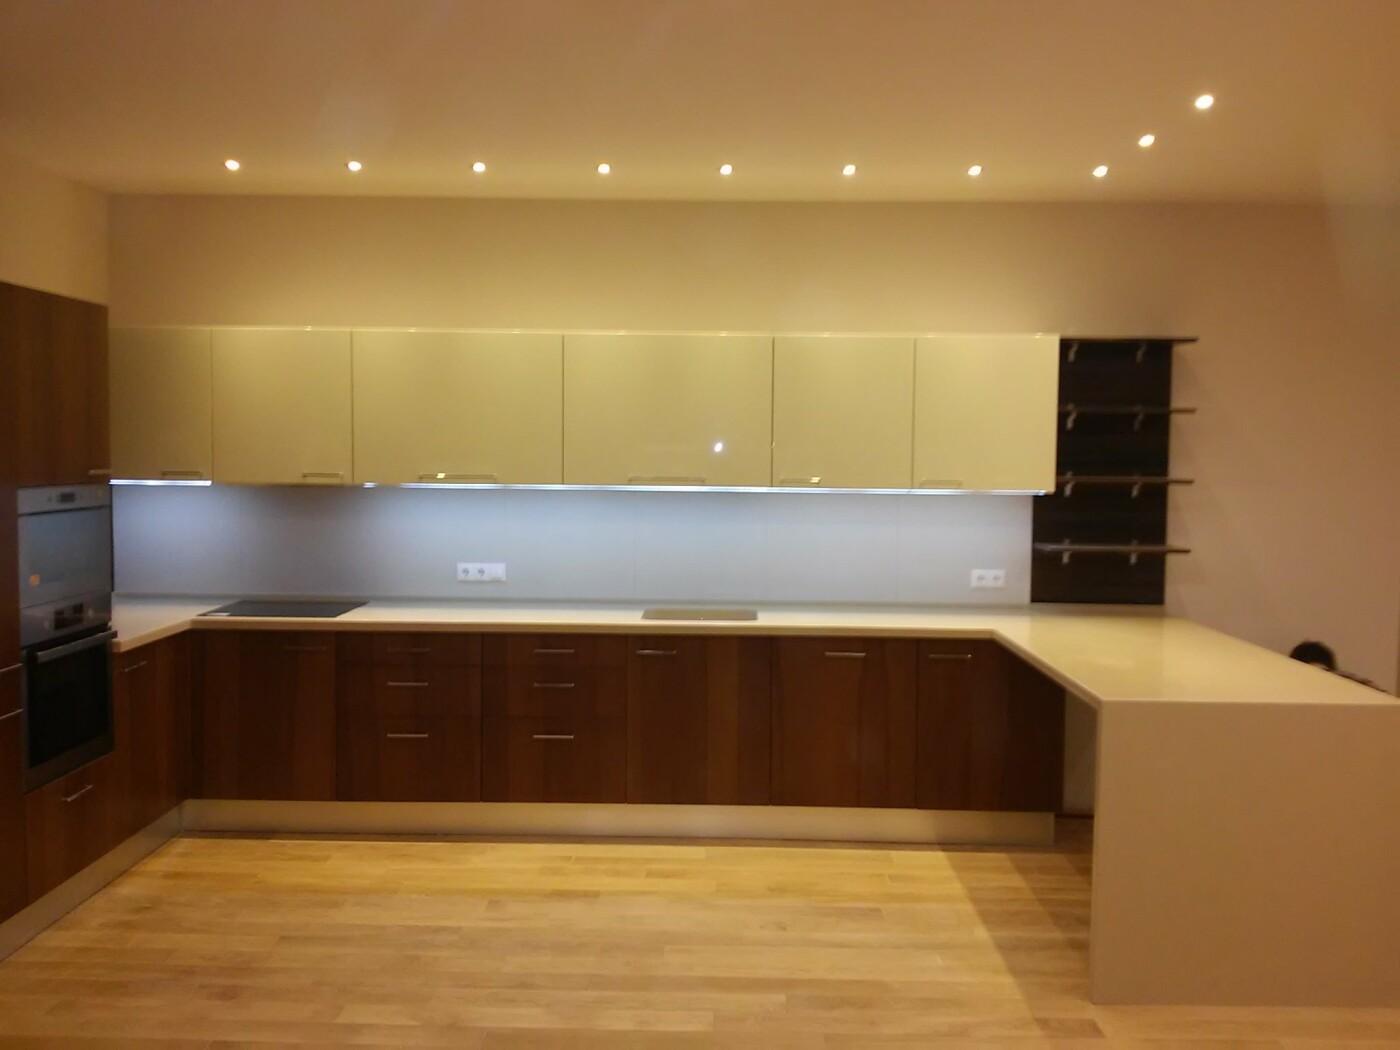 Компанія «Decorstone»: Широкий вибір якісних виробів з акрилового та кварцового каменю для дому за приємною ціною, фото-5